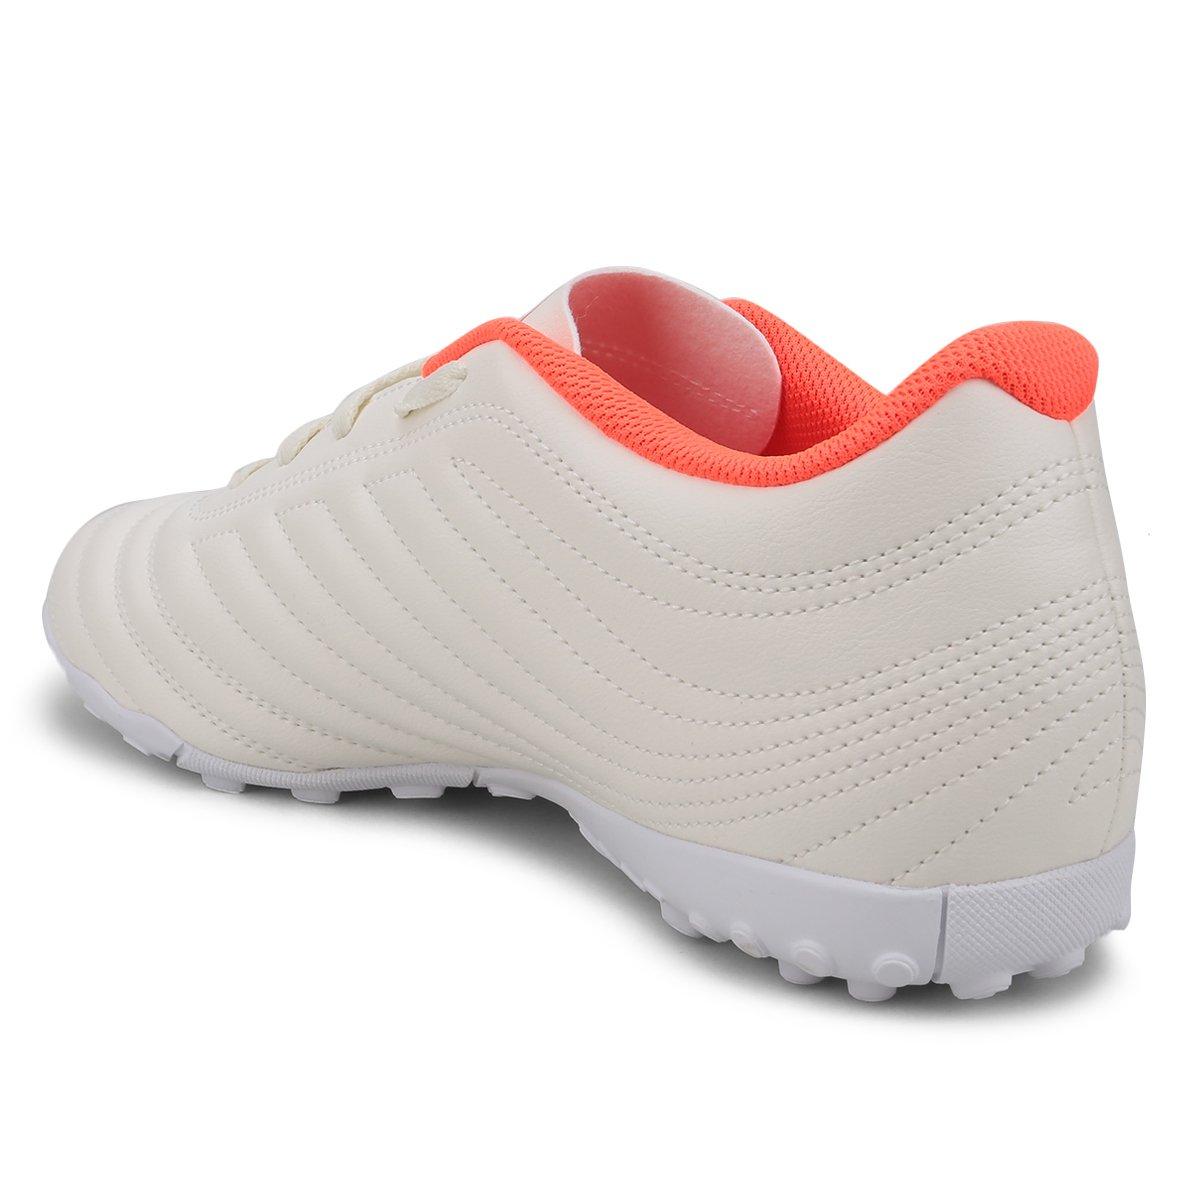 24ca158c6e Chuteira Society Adidas Copa 19 4 TF - Branco e Vermelho - Compre ...